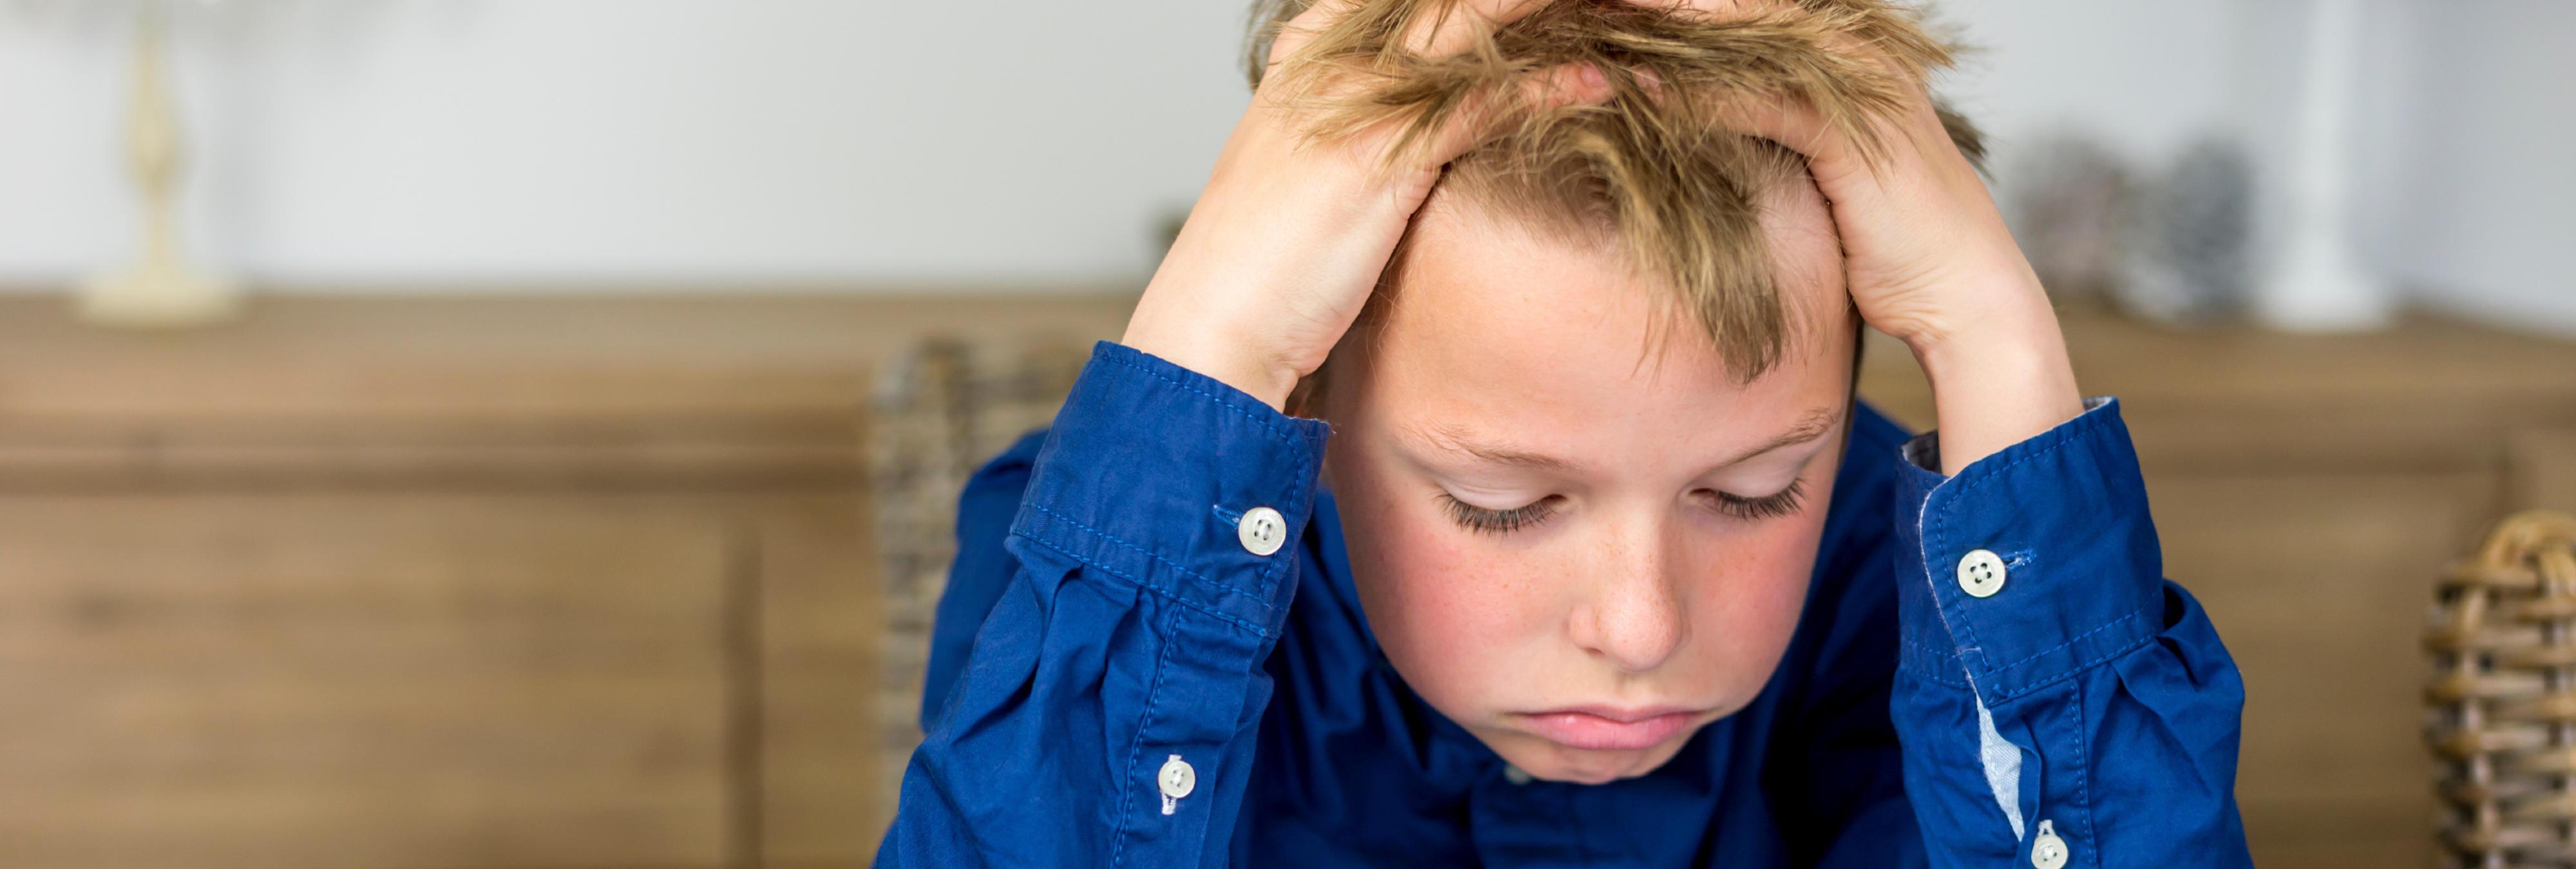 5 motivos a favor y en contra de los deberes de los niños